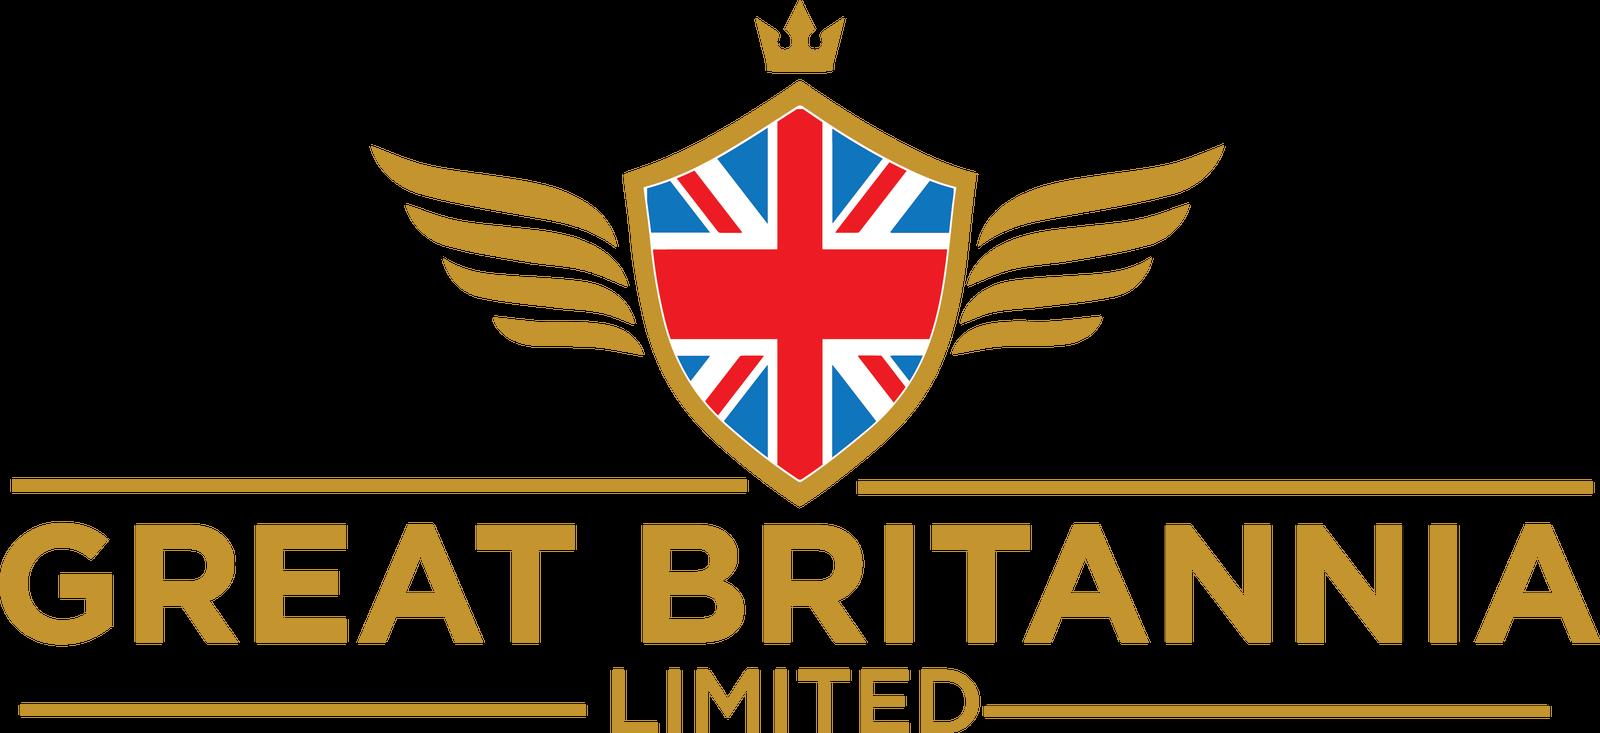 greatbritannialtd